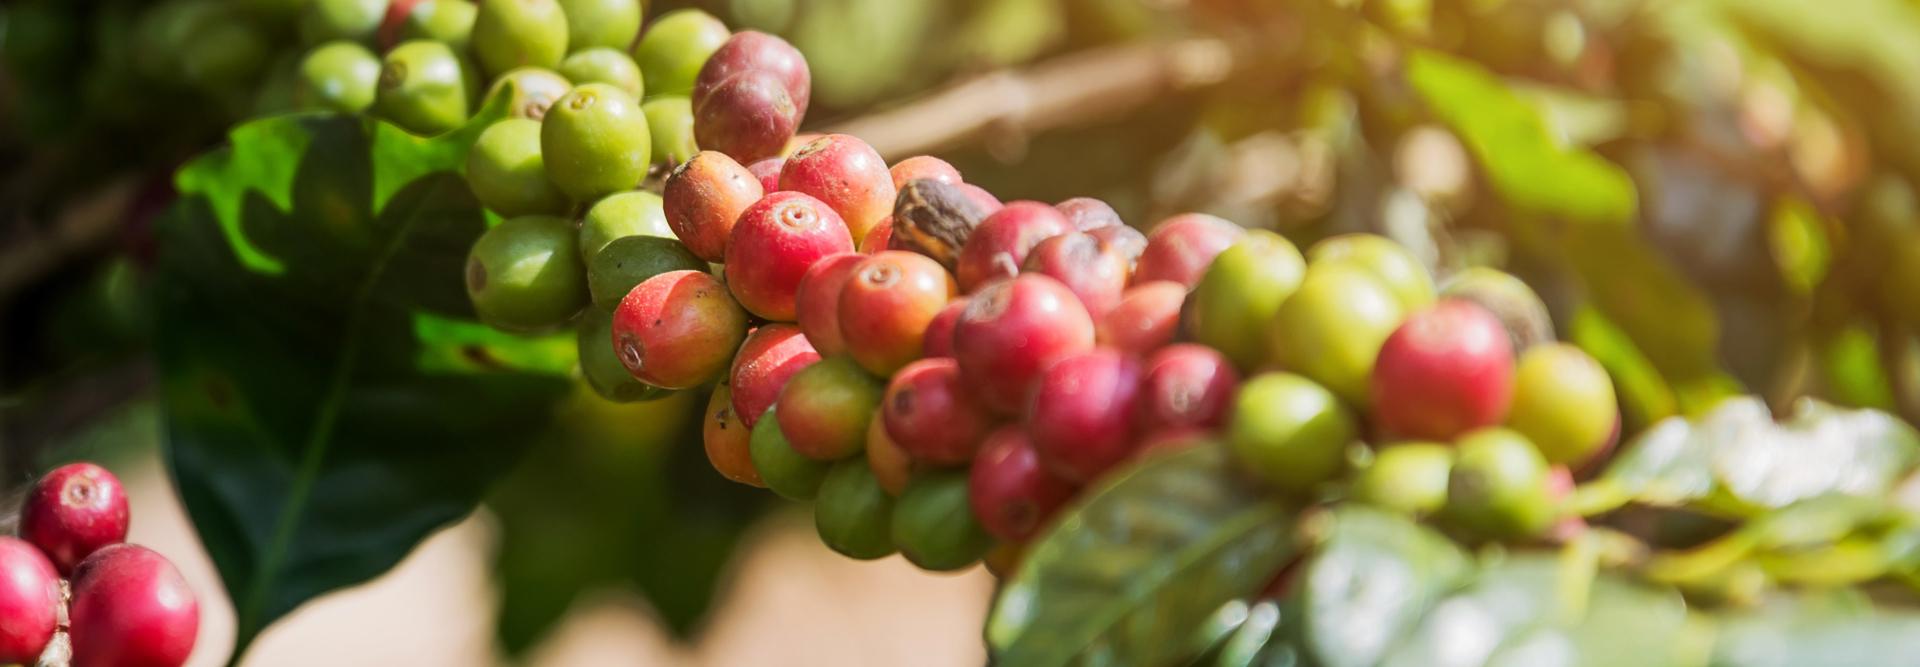 Header Koffiebessen in de zon.jpg